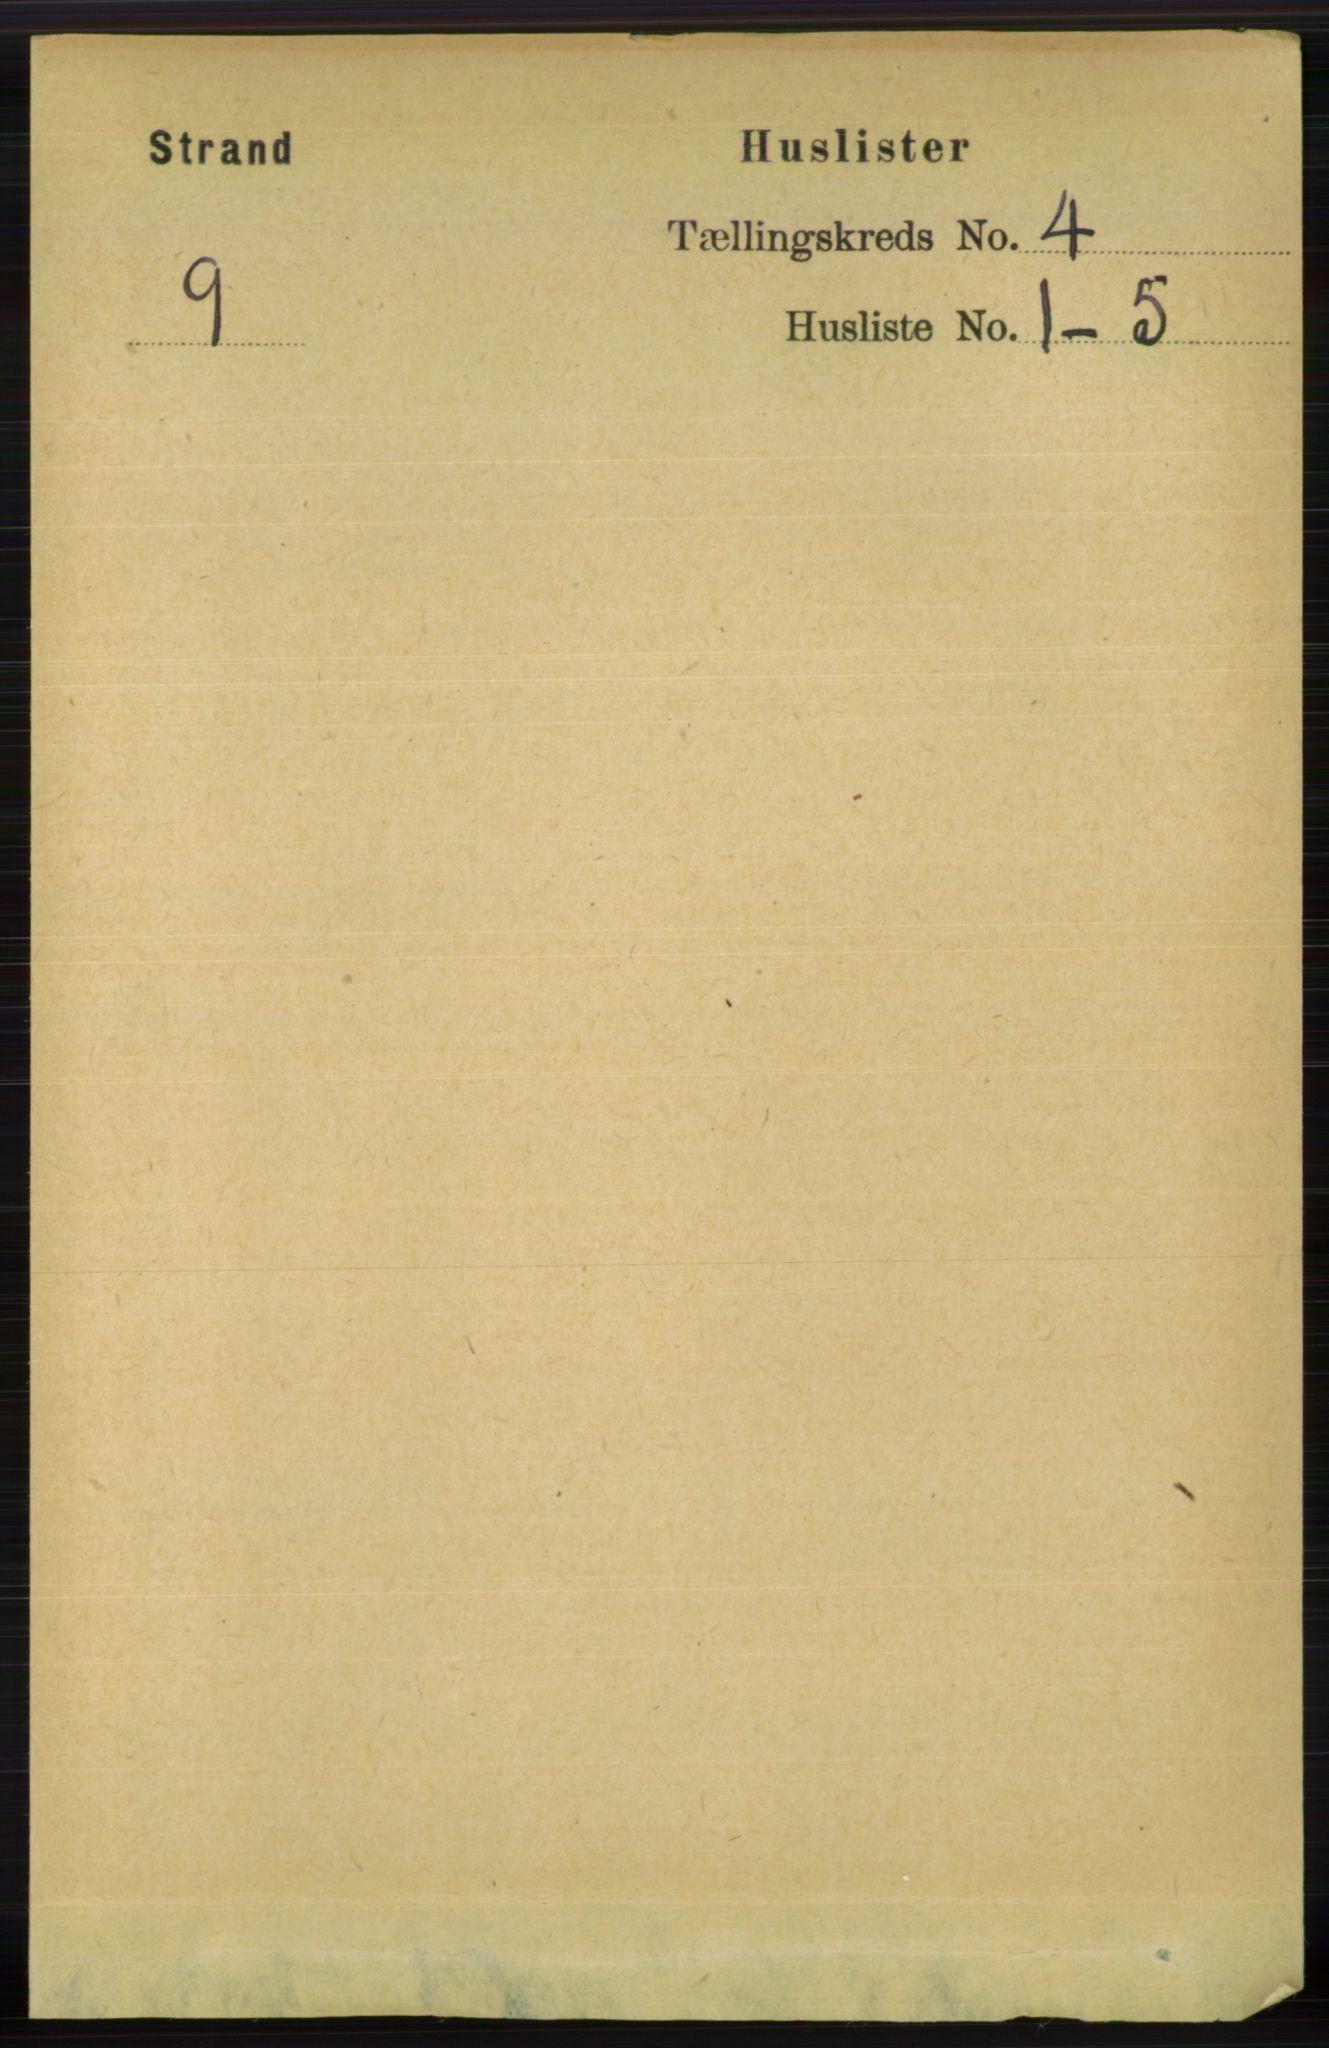 RA, Folketelling 1891 for 1130 Strand herred, 1891, s. 1111